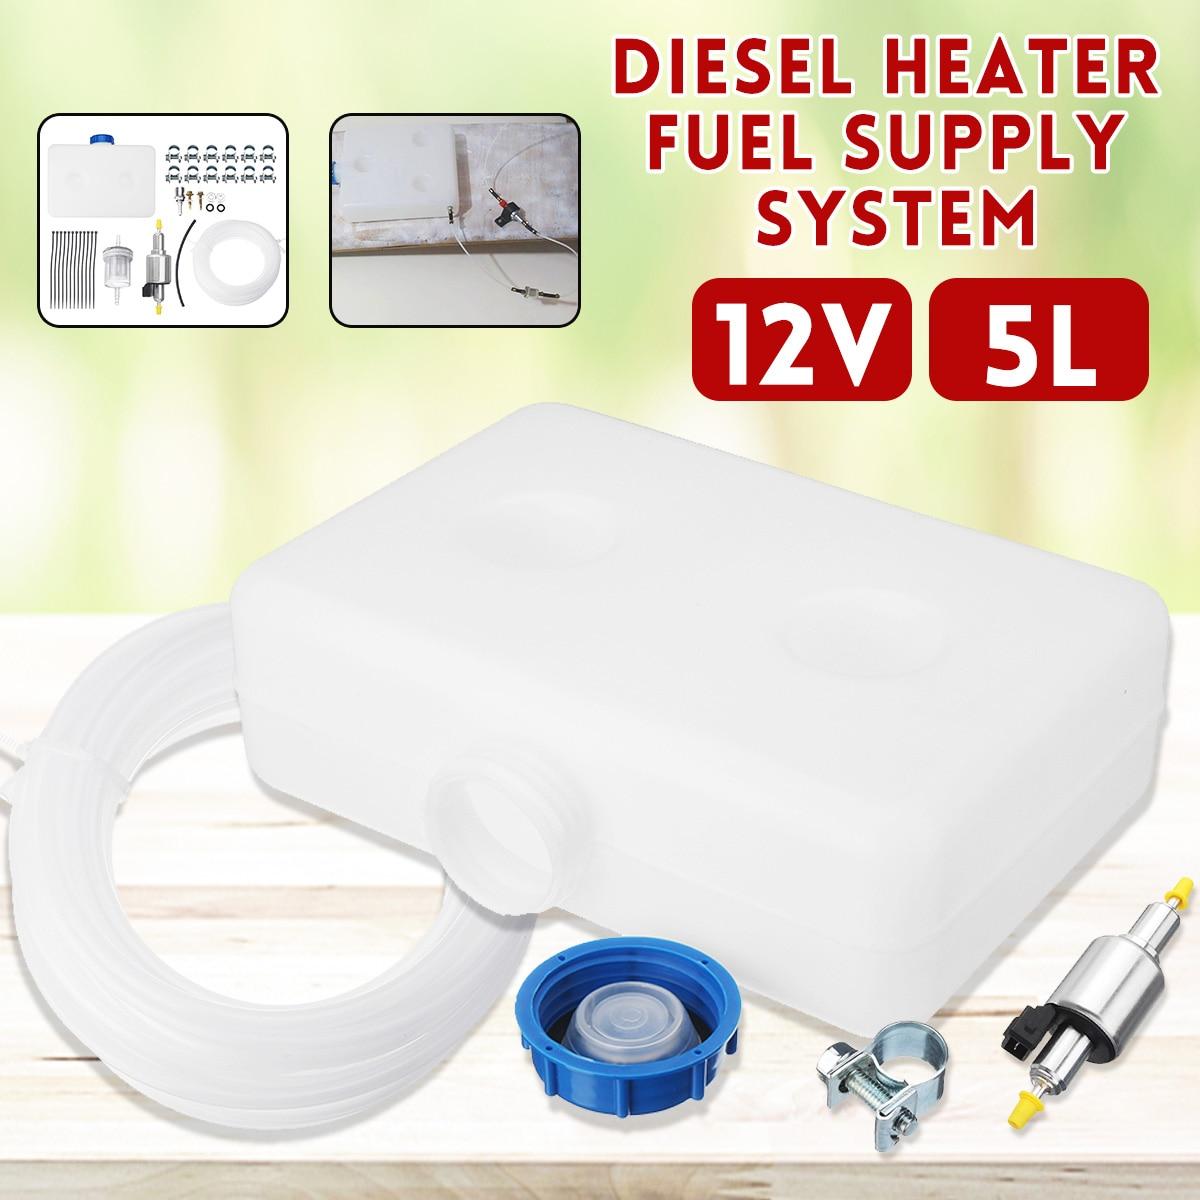 Date 2 trou 5L réservoir pompe à carburant filtre à huile buse ensemble pour bricolage 12 V Diesel réchauffeur d'air Thermostat voiture chauffage accessoires pièces